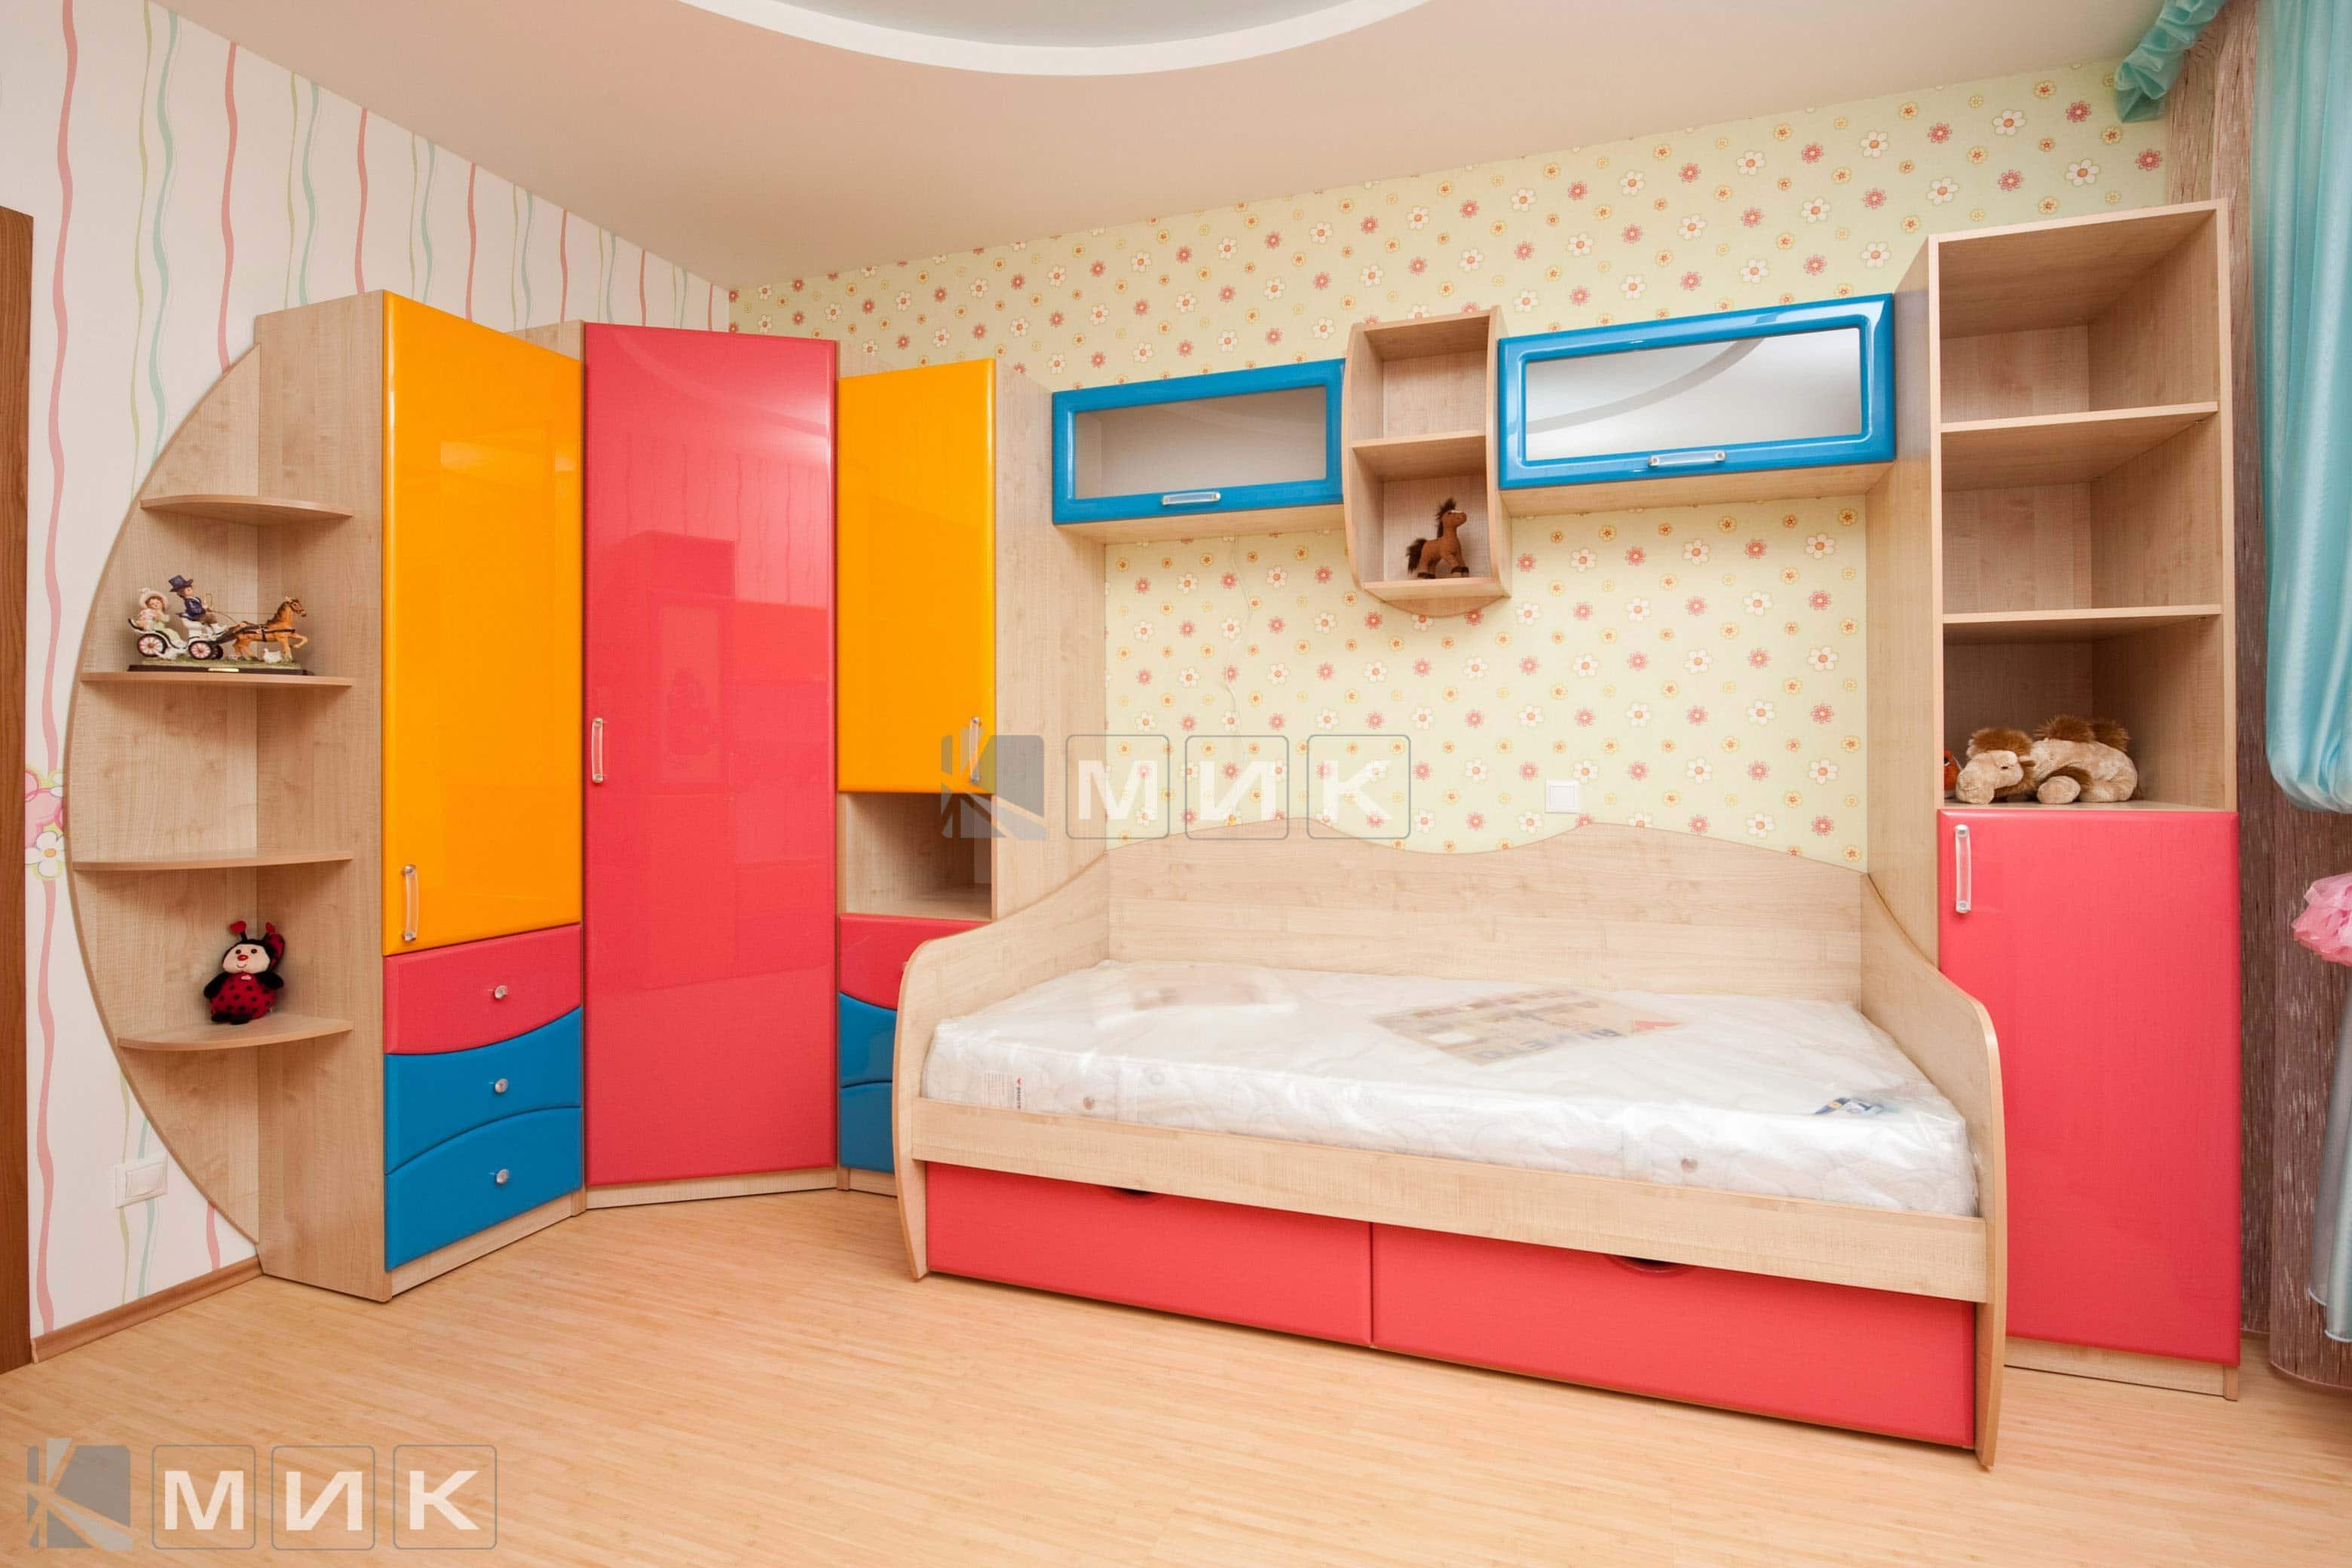 Качественная детская мебель в киеве на заказ от мик.